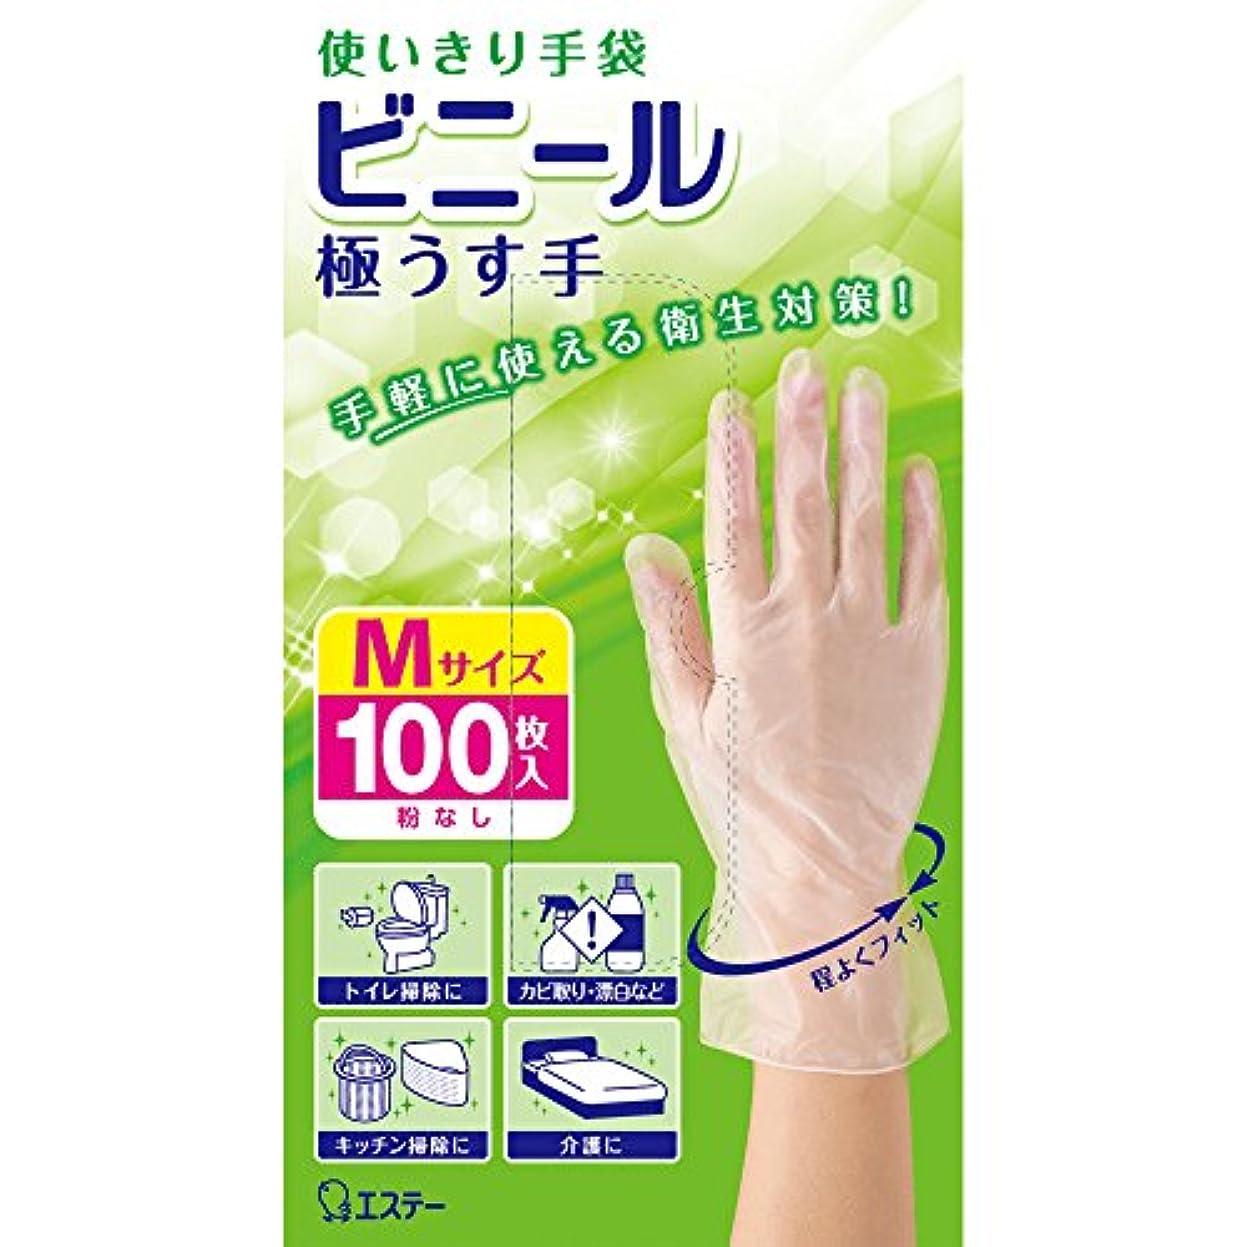 ピカソきつく生理使いきり手袋 ビニール 極うす手 炊事?掃除用 Mサイズ 半透明 100枚